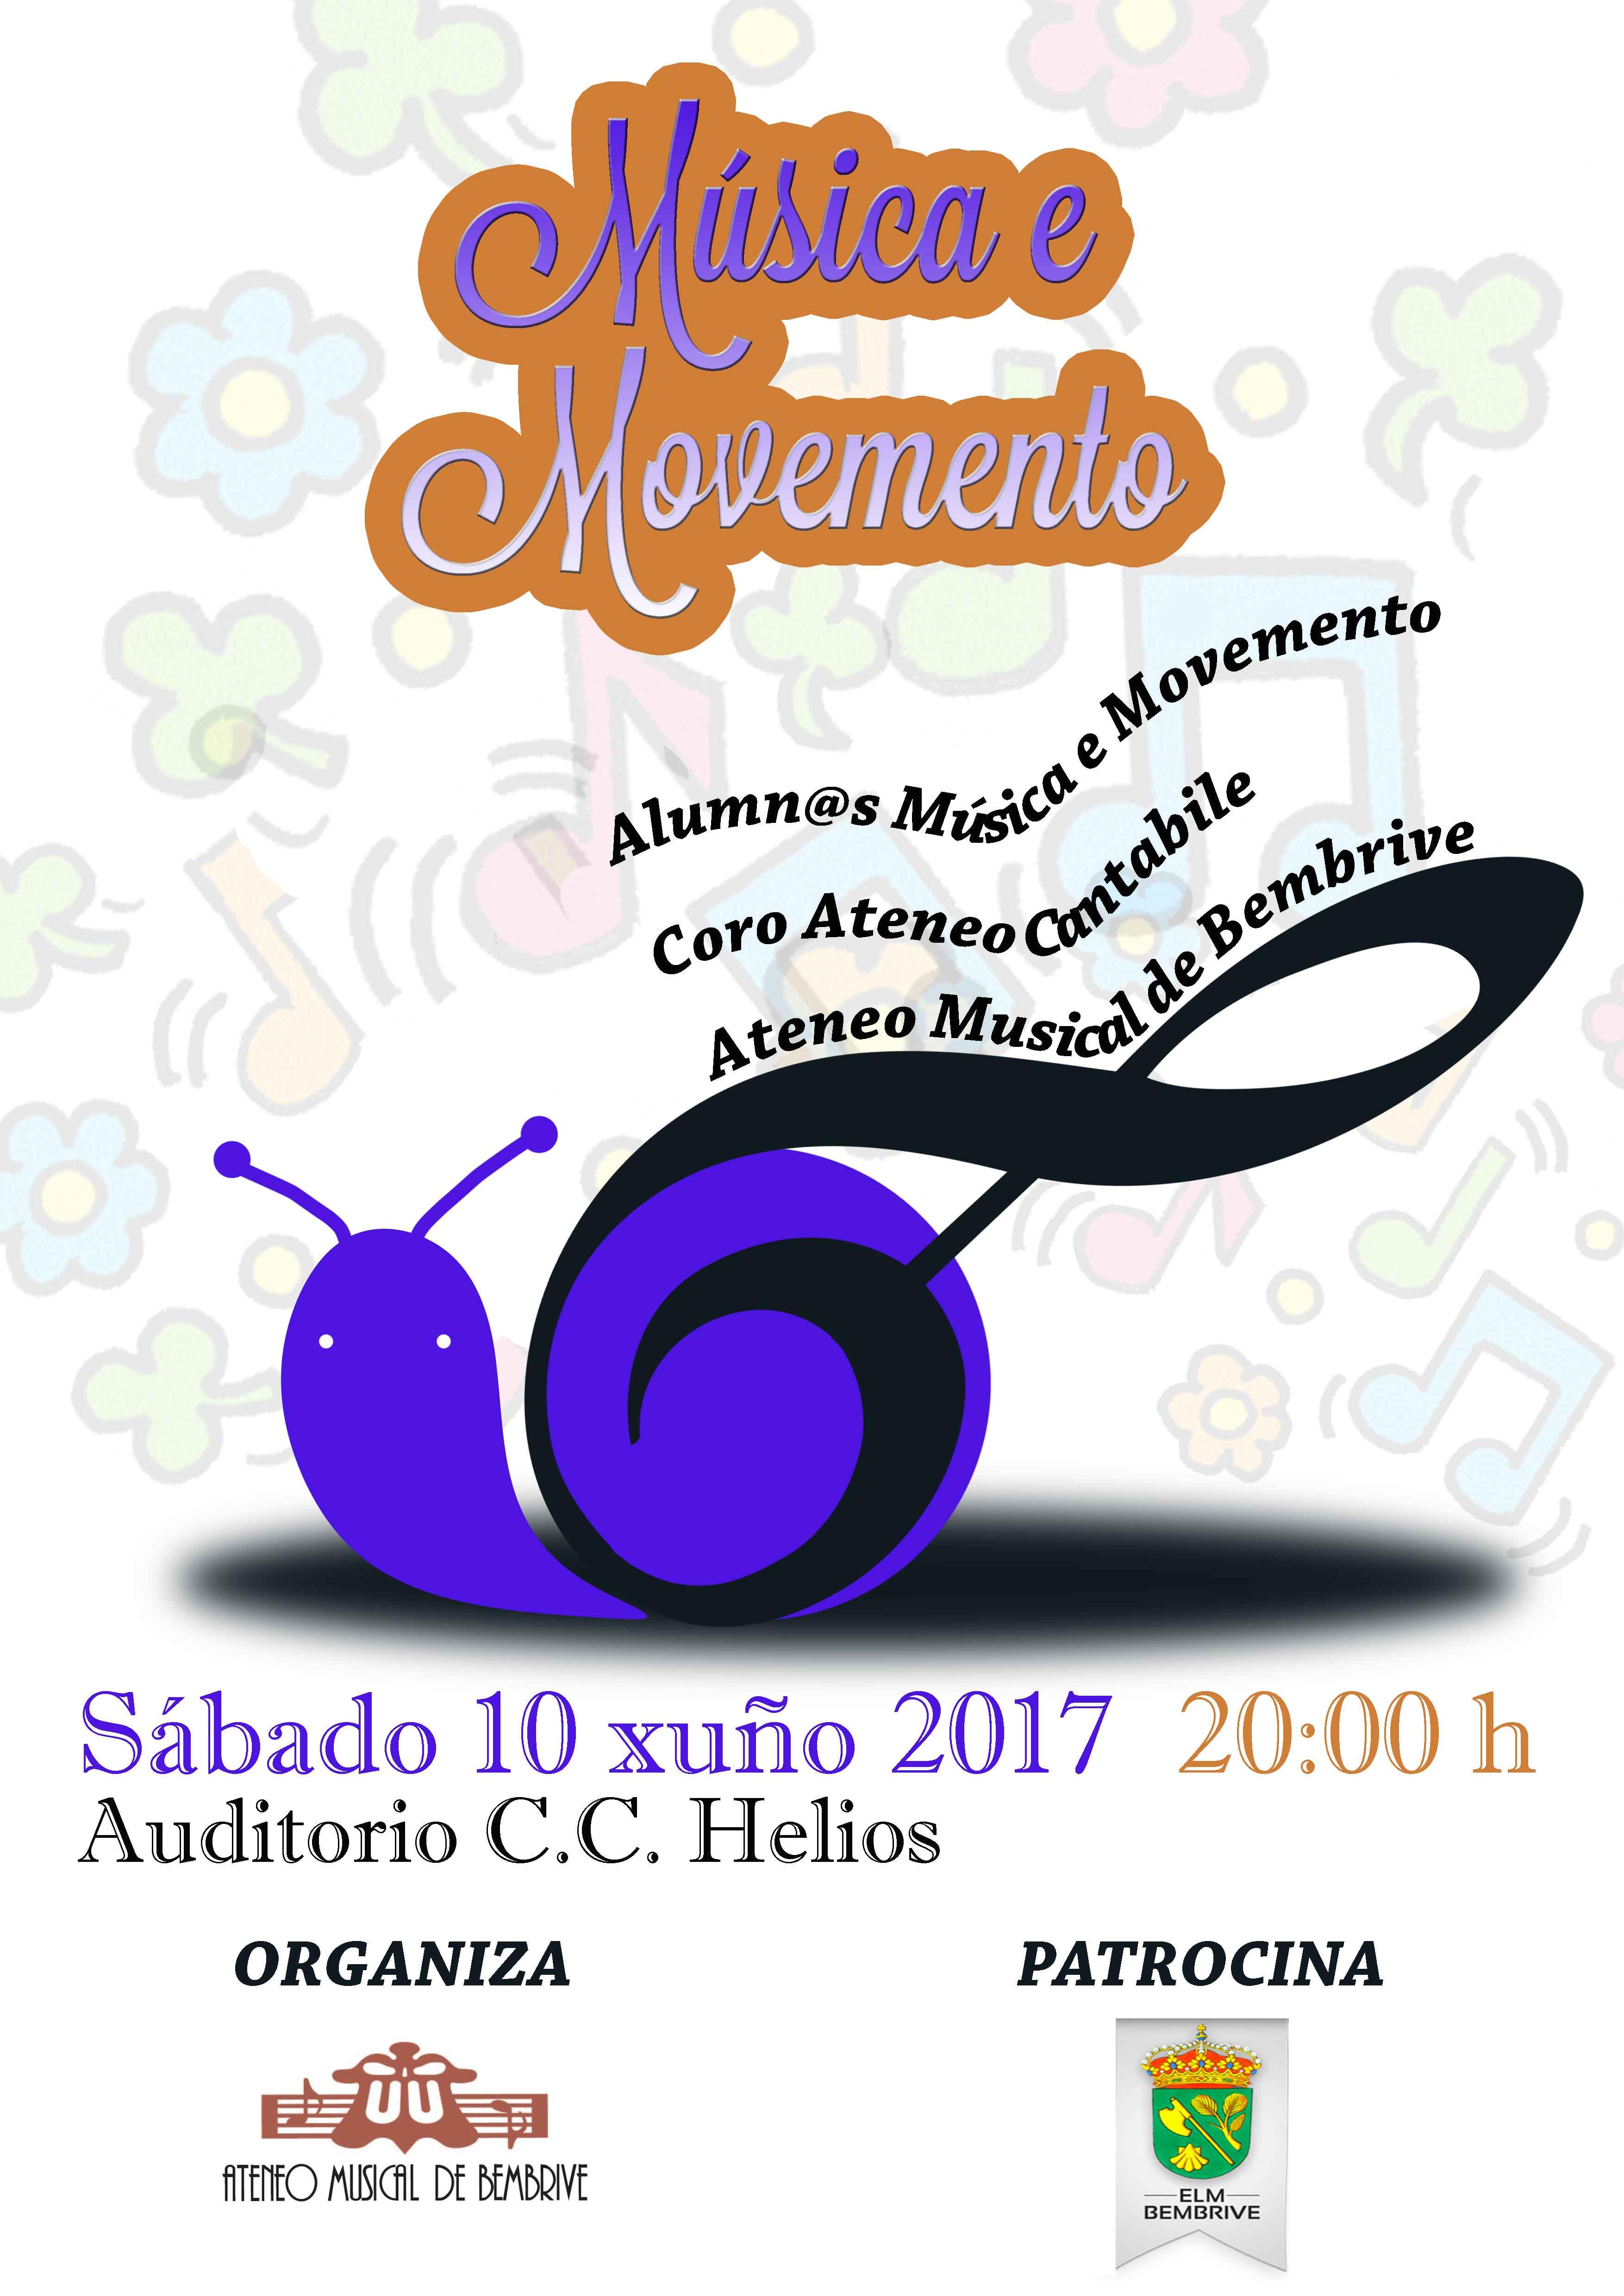 Música-e-Movemento-2017